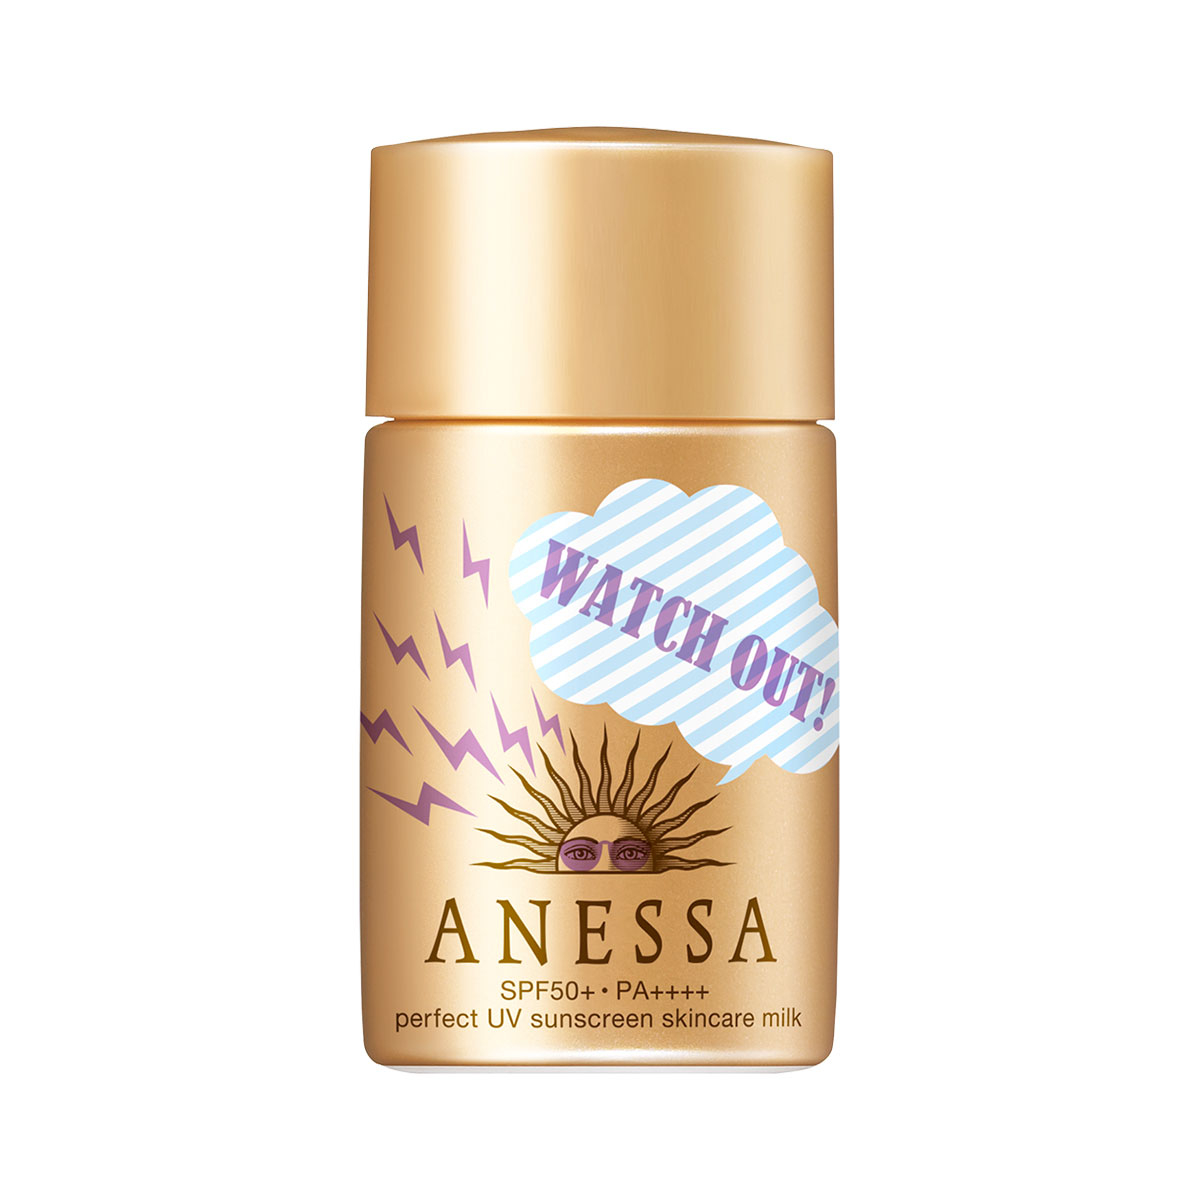 汗や水に濡れるとより効果が高まる、人気UVコスメの限定品